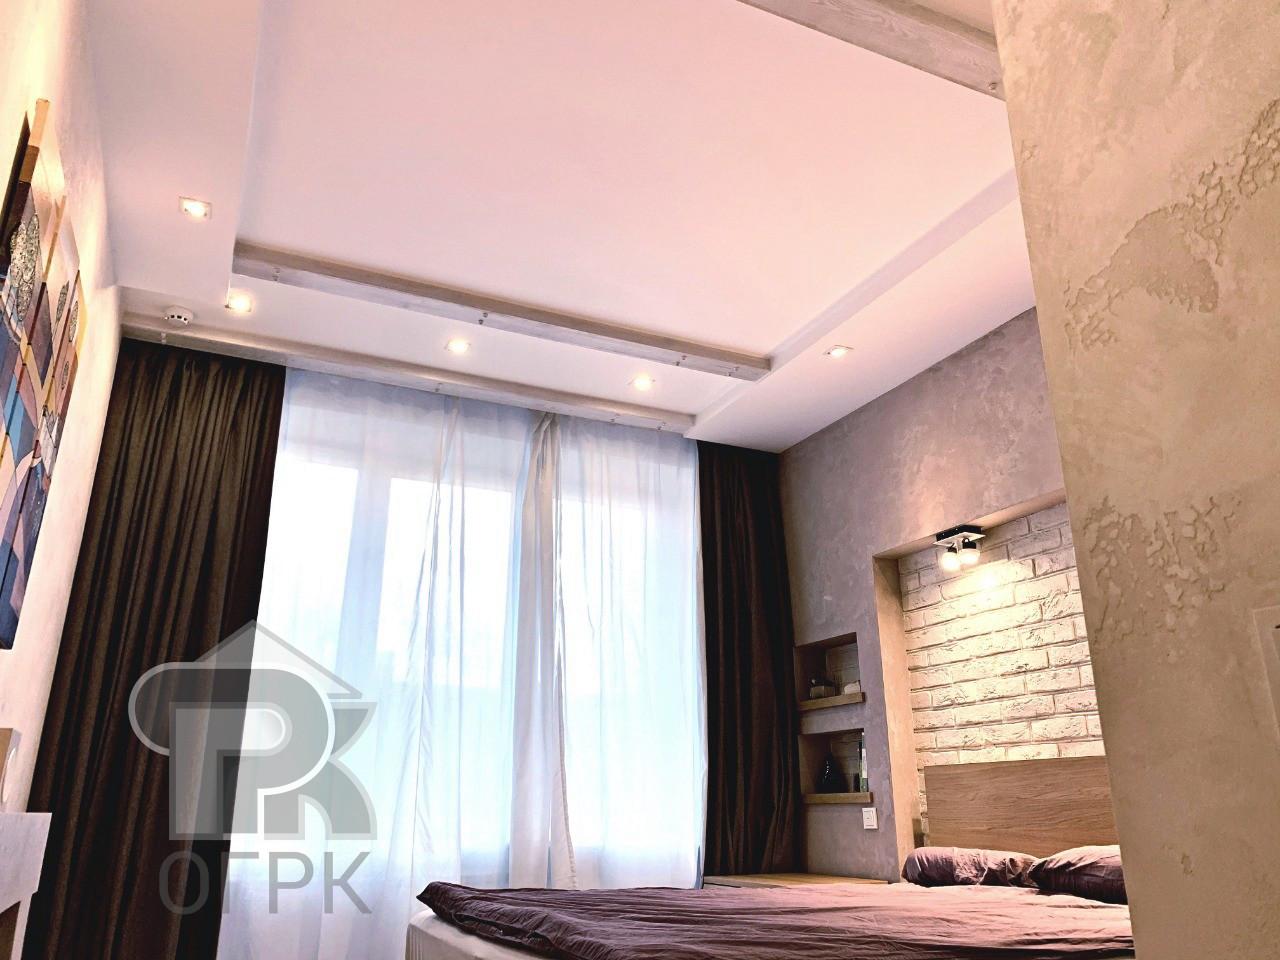 Купить 3-комнатную квартиру, город Москва, Москва, проезд Сапёрный, д.10, №309886